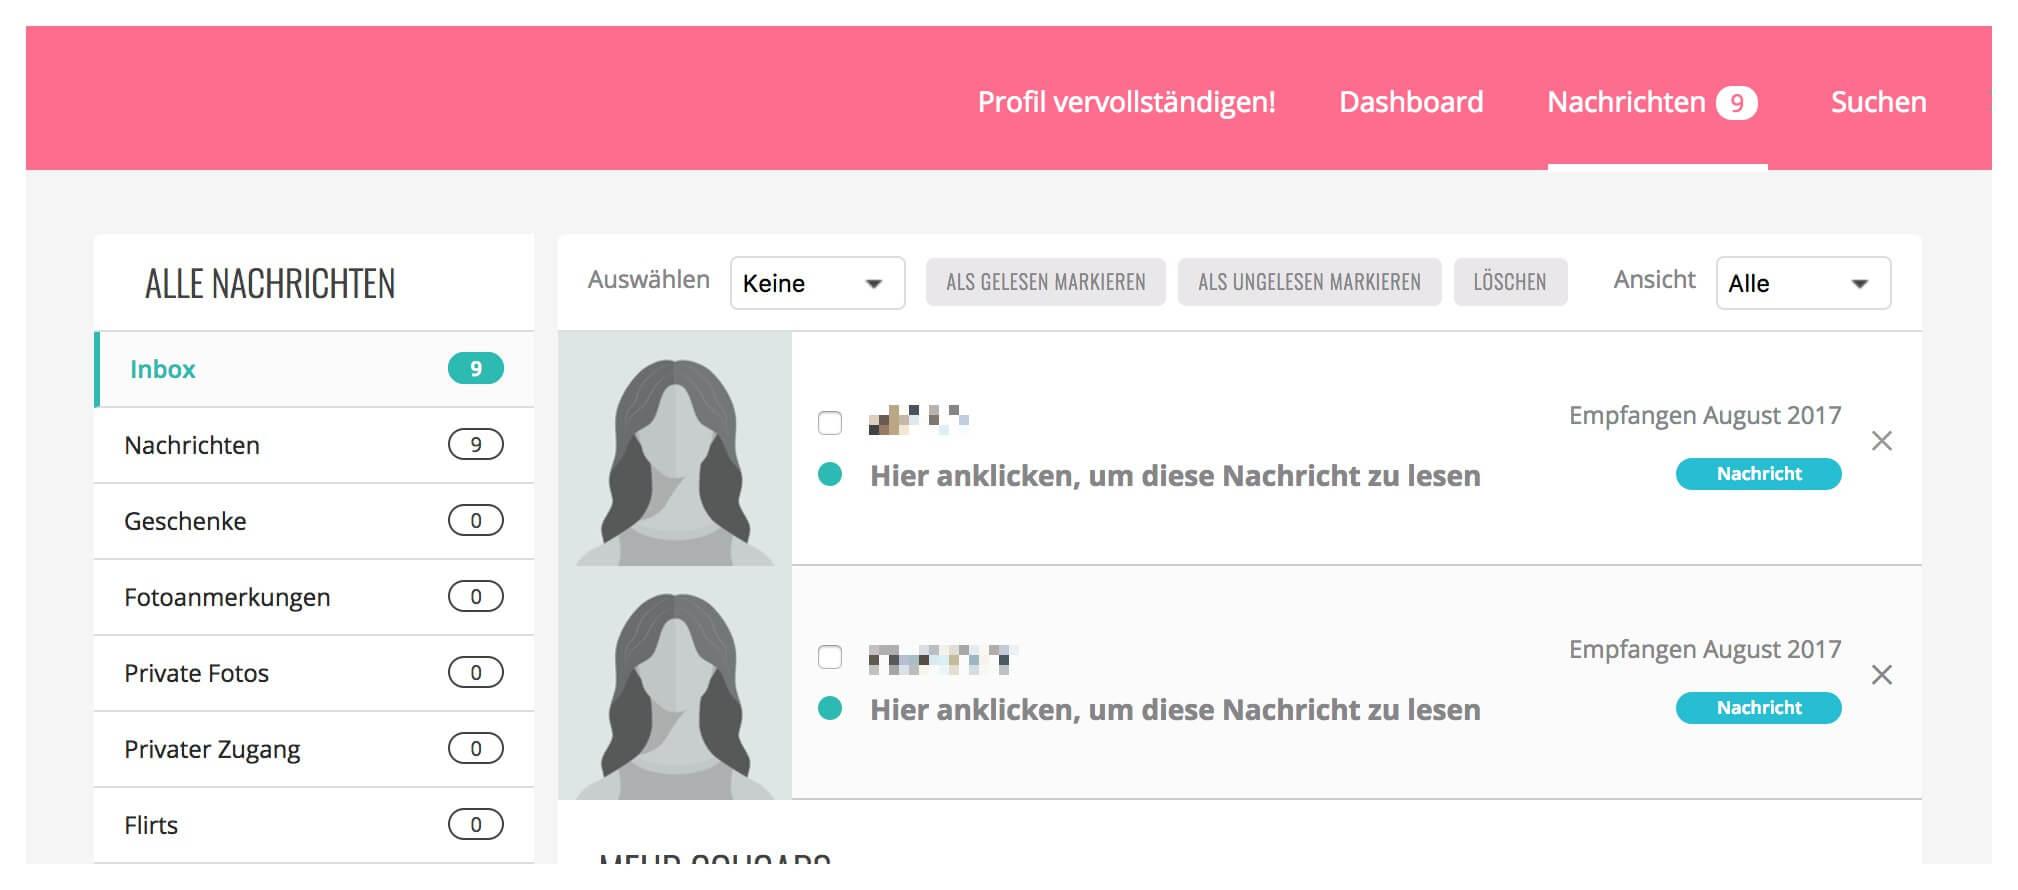 Ich brauche Hilfe beim Schreiben meines Online-Dating-Profils